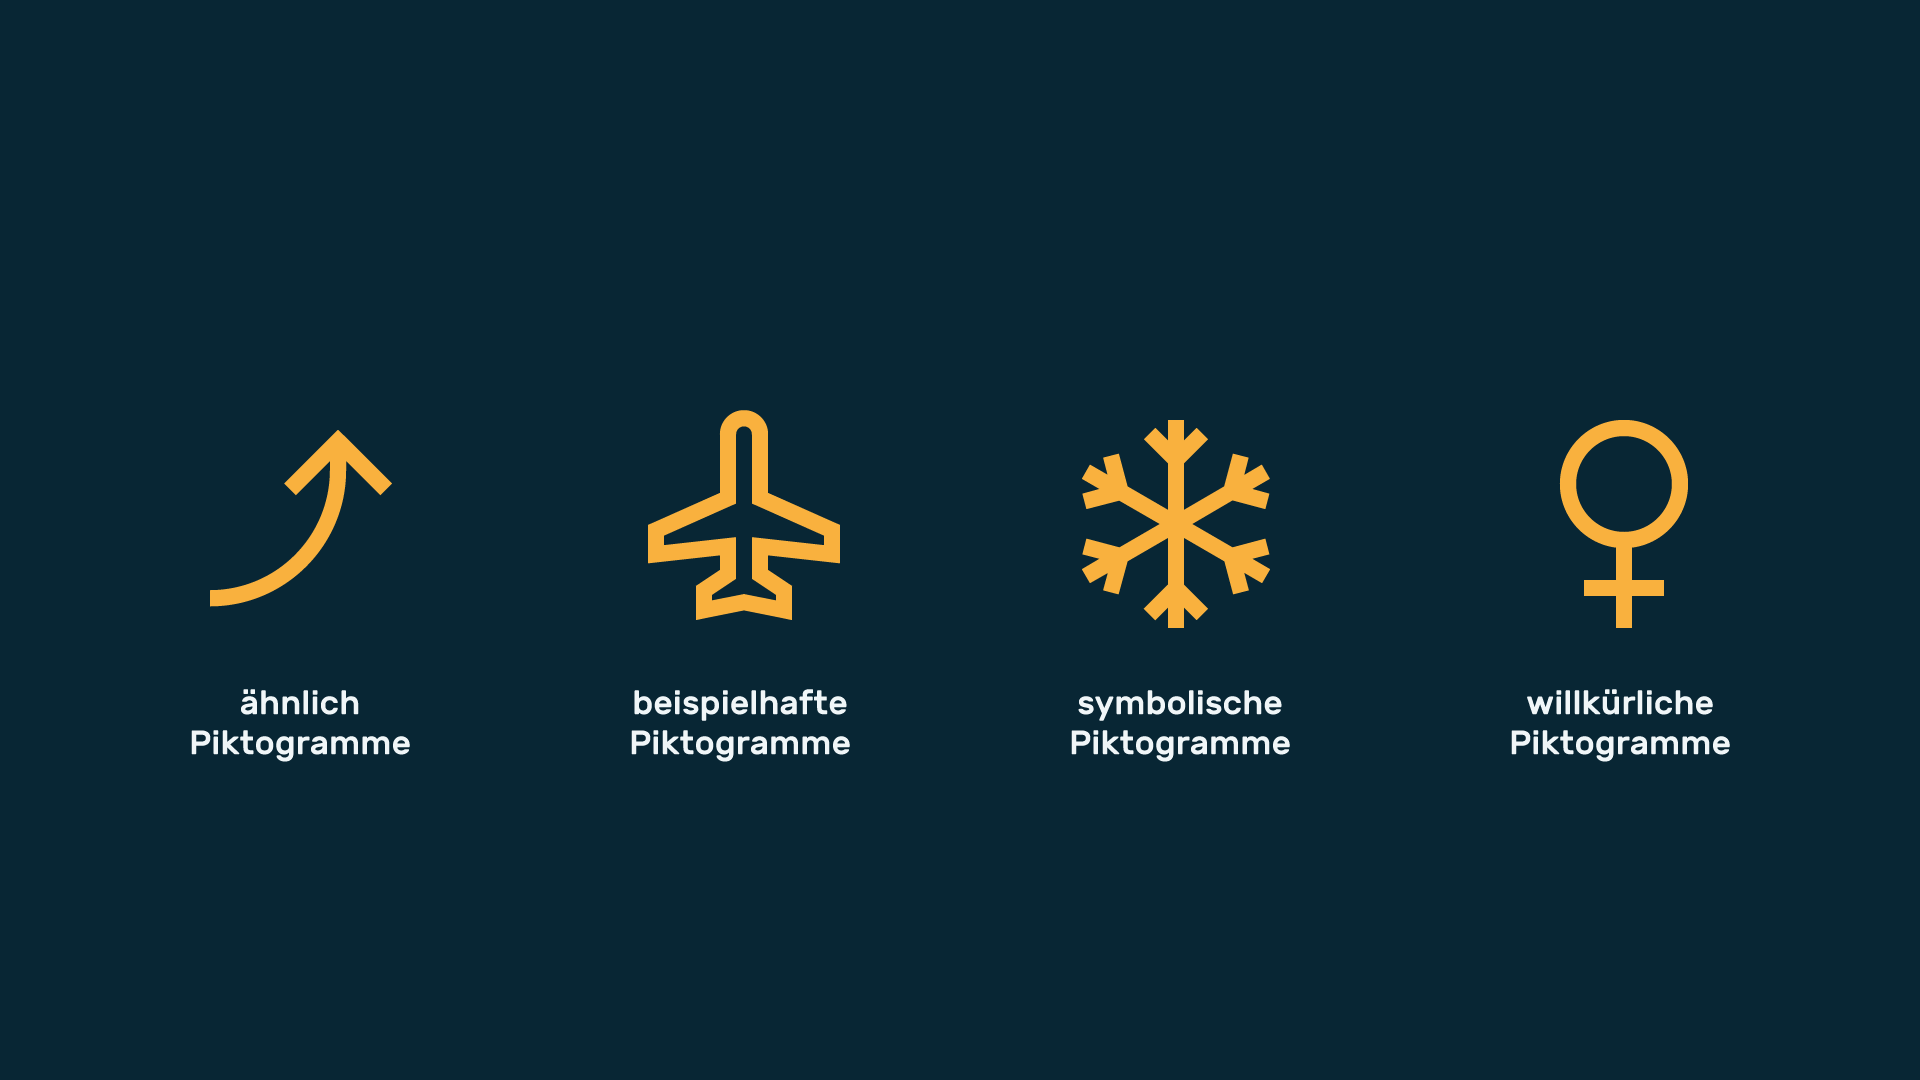 Infografik Userinterfacedesign Piktogramme Icon 02